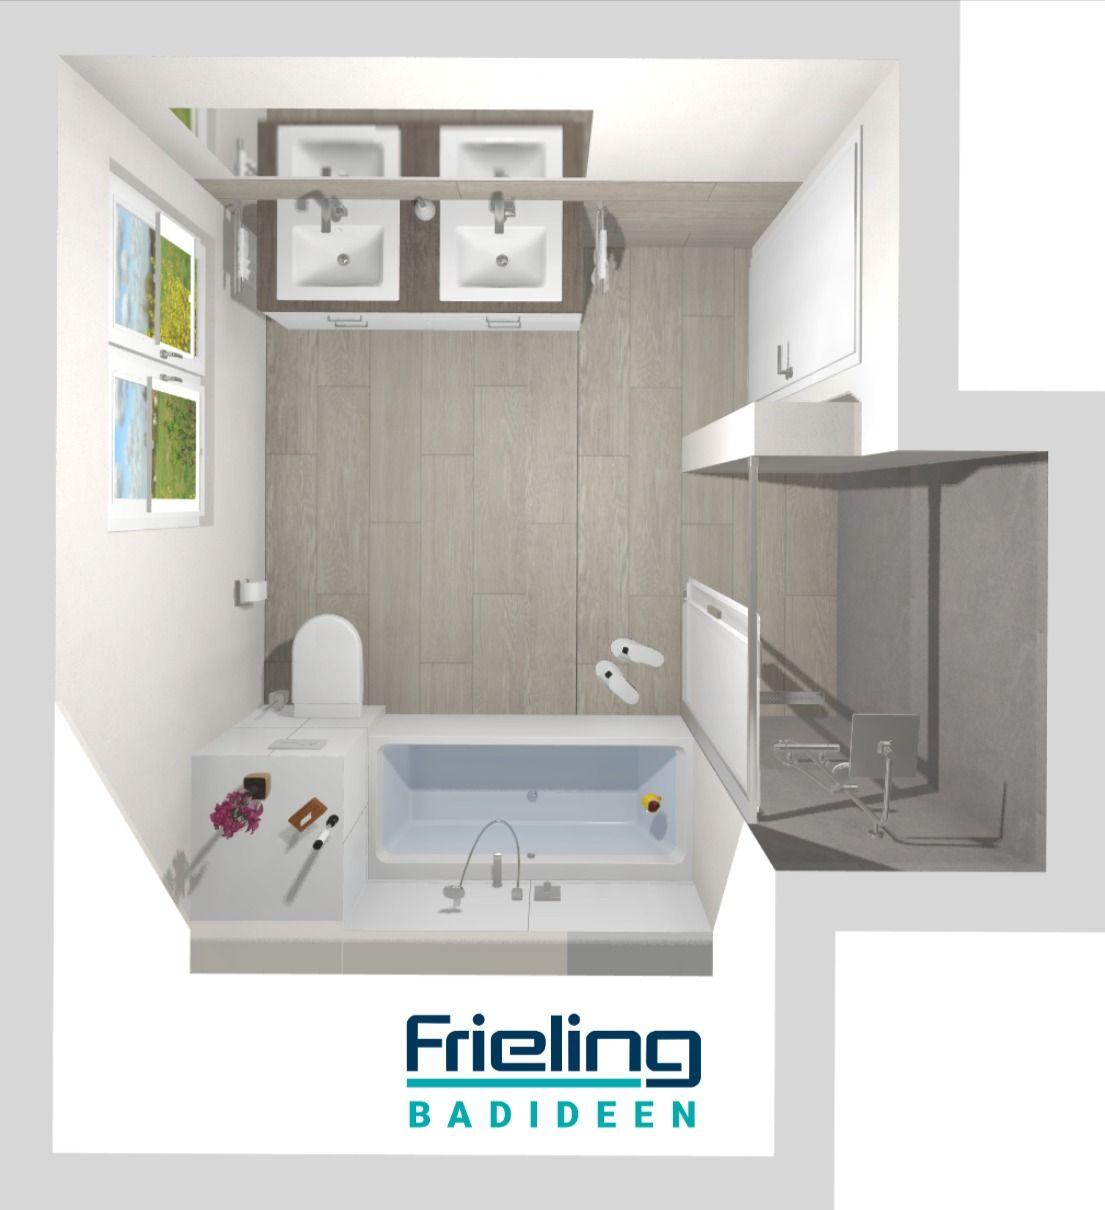 Das Grosse Familienbad Mit Nischendusche 3d Planung Badezimmer Mit Zonen 11qm Einbaubadewanne In 2020 Familienbad Badezimmer Grosse Badezimmer